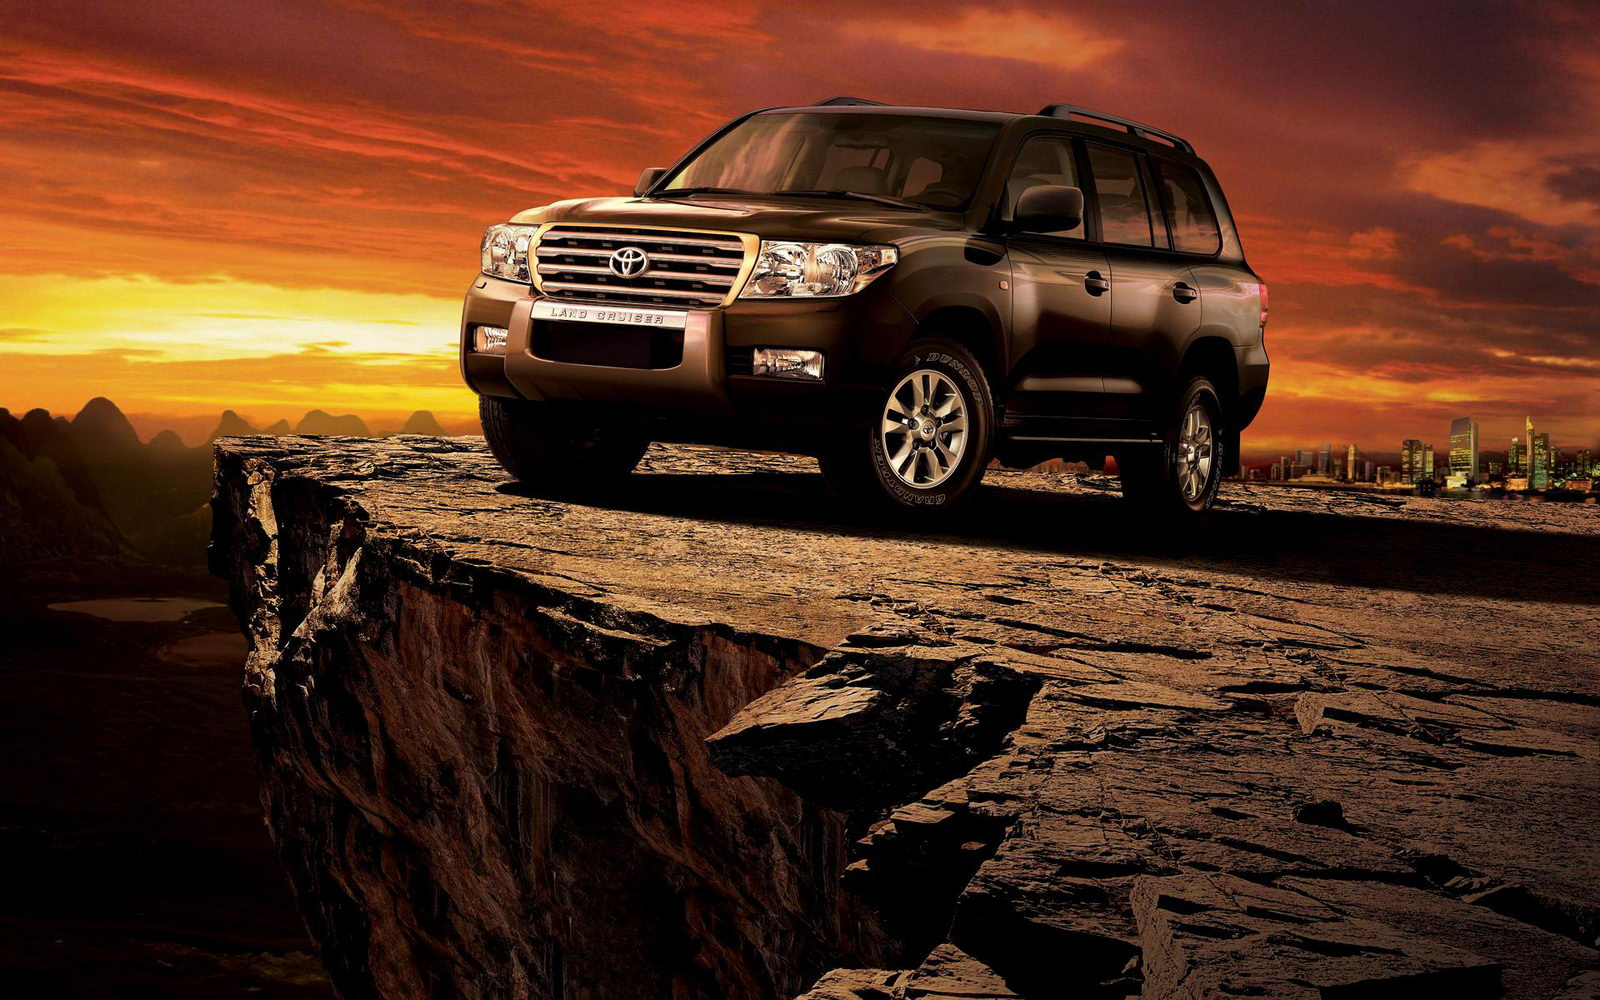 http://4.bp.blogspot.com/-JOpPV8k43S0/TVp0GHBDERI/AAAAAAAAAAM/5Y-BsSxt6y4/s1600/Expensive+Cars+Desktop+Full+HD+Widescreen++%25282%2529.jpg